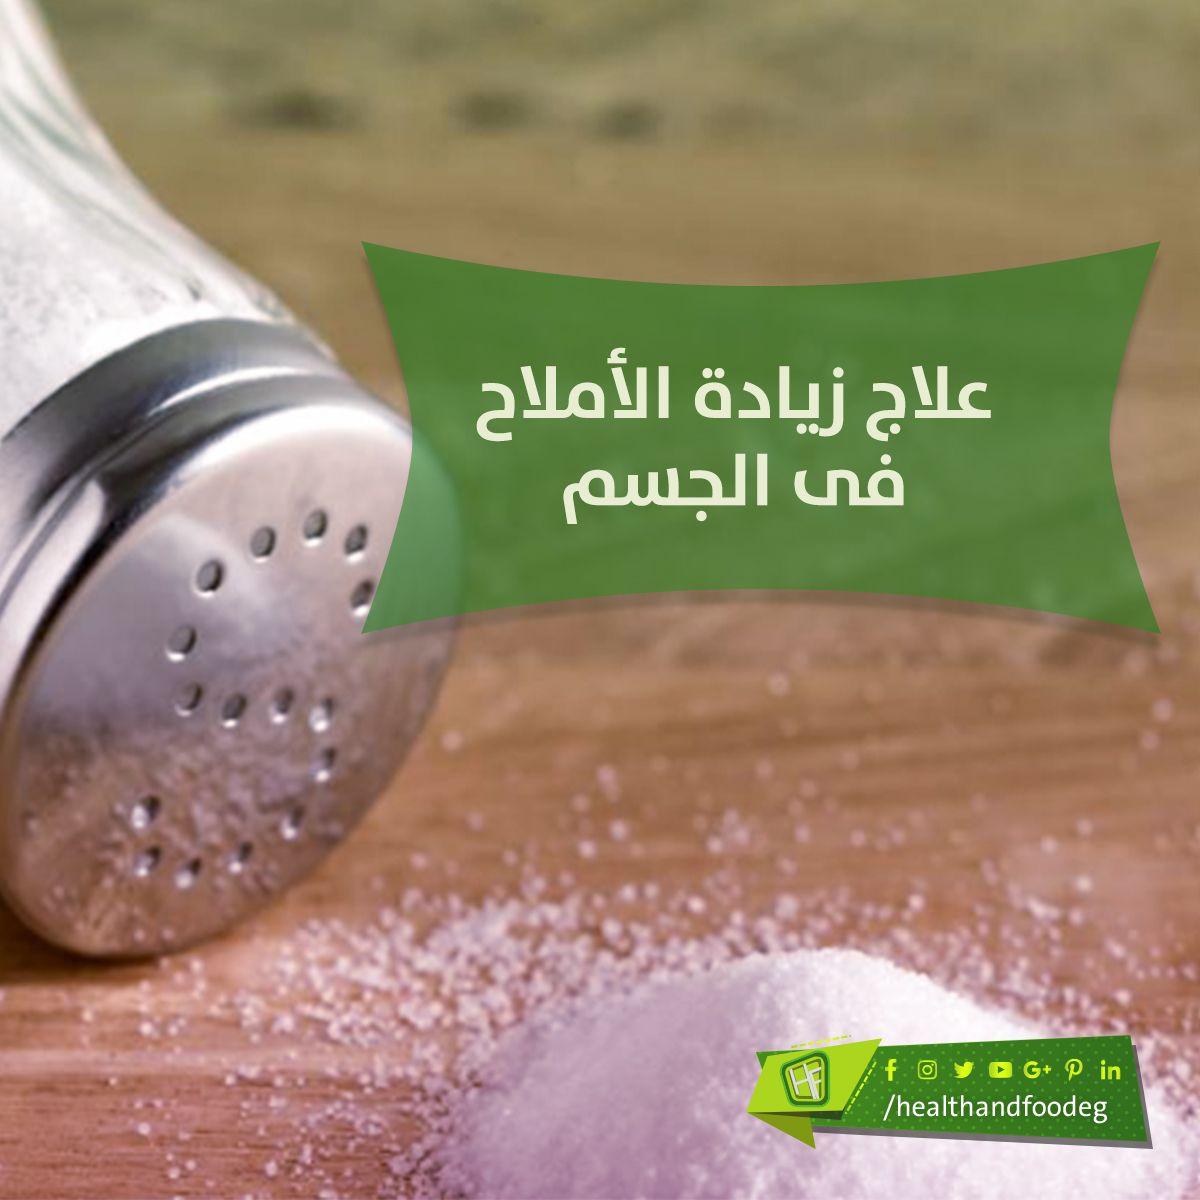 افضل طرق علاج الاملاح في الجسم والتخلص من الاملاح نهائيا Food Condiments Salt